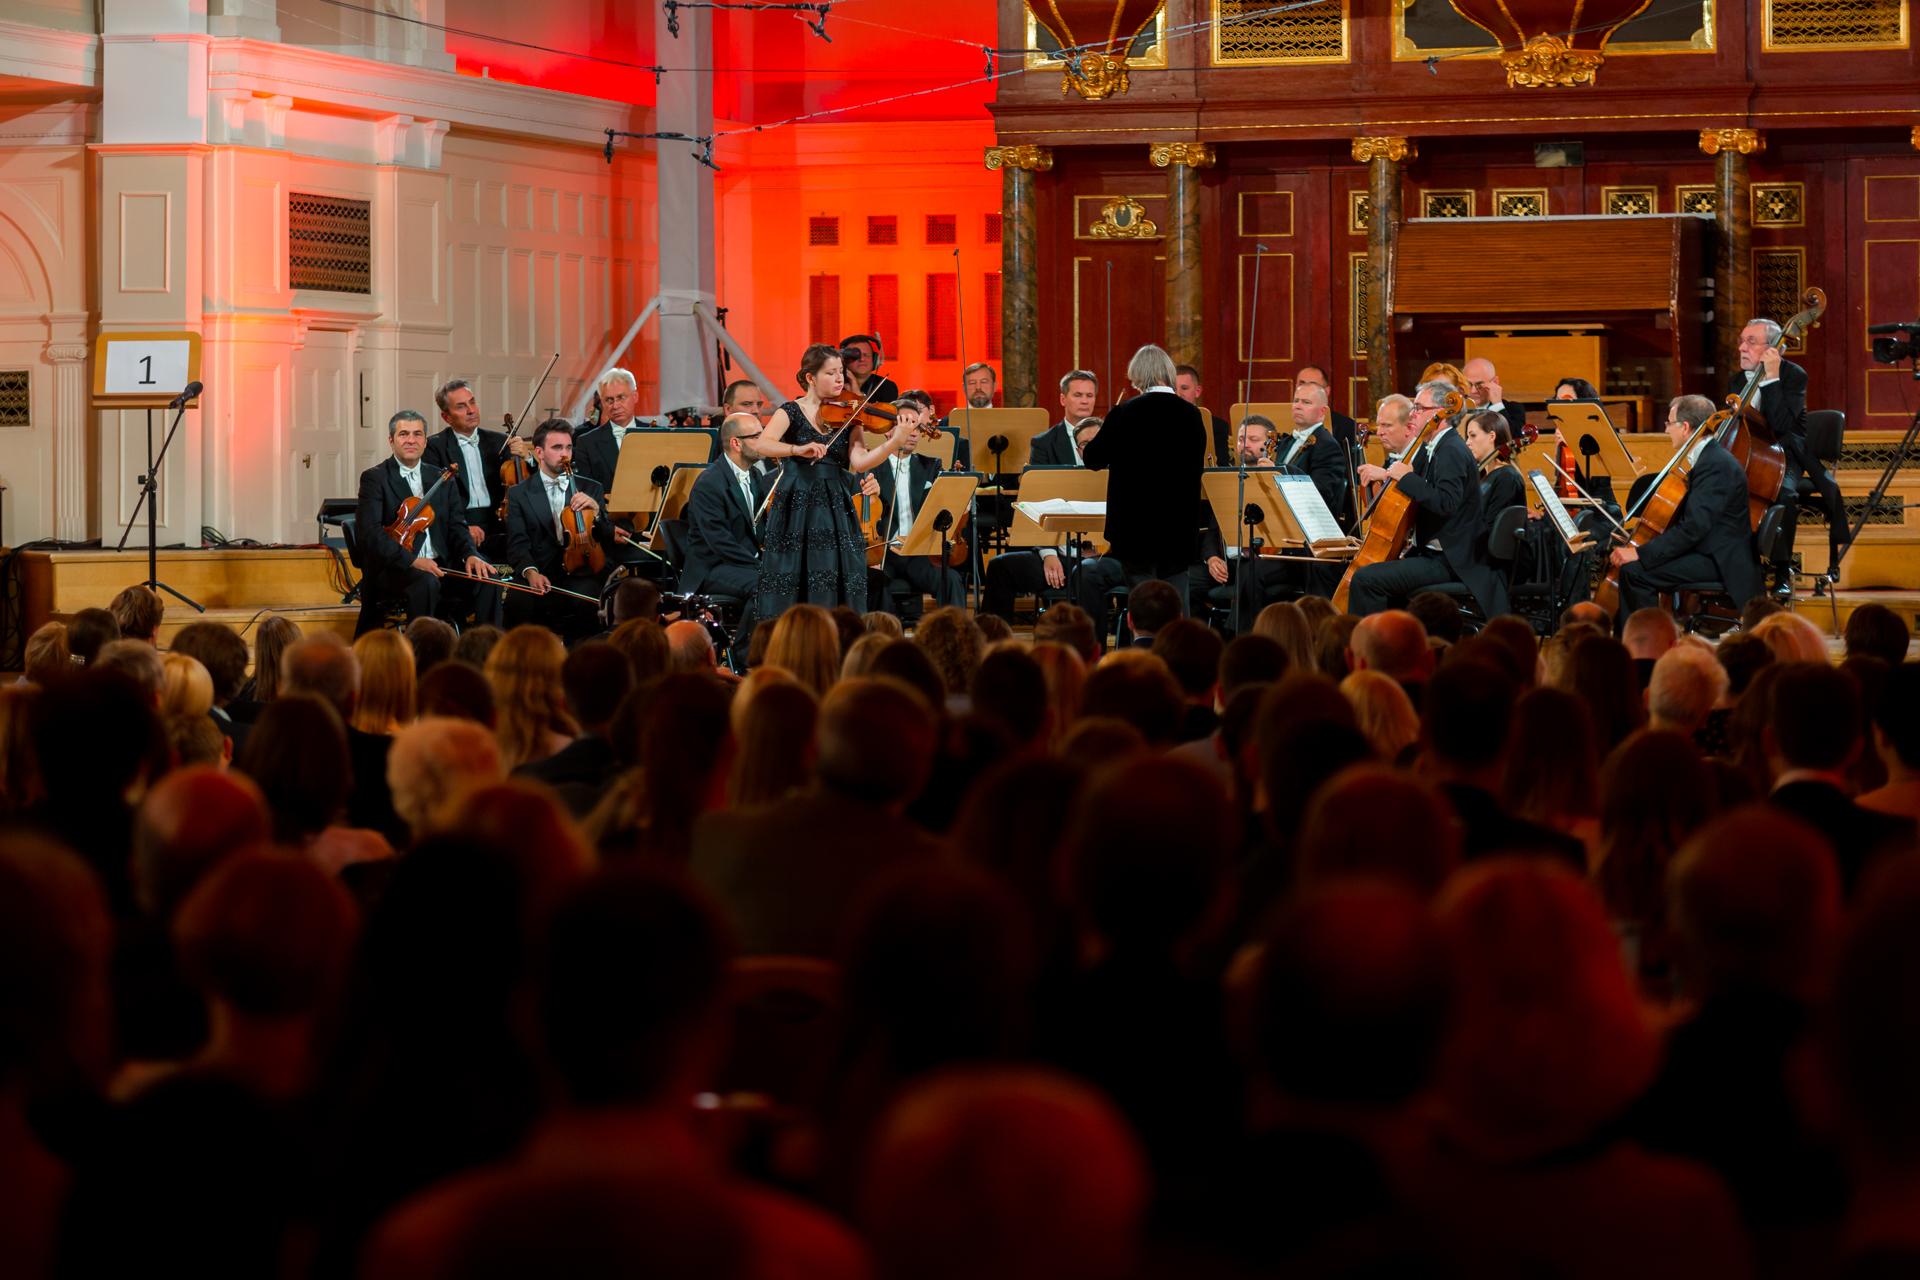 RR Studio. Hanna Asieieva (Ukraina), Orkiestra Polskiego Radia Amadeus pod dyr. Agnieszki Duczmal